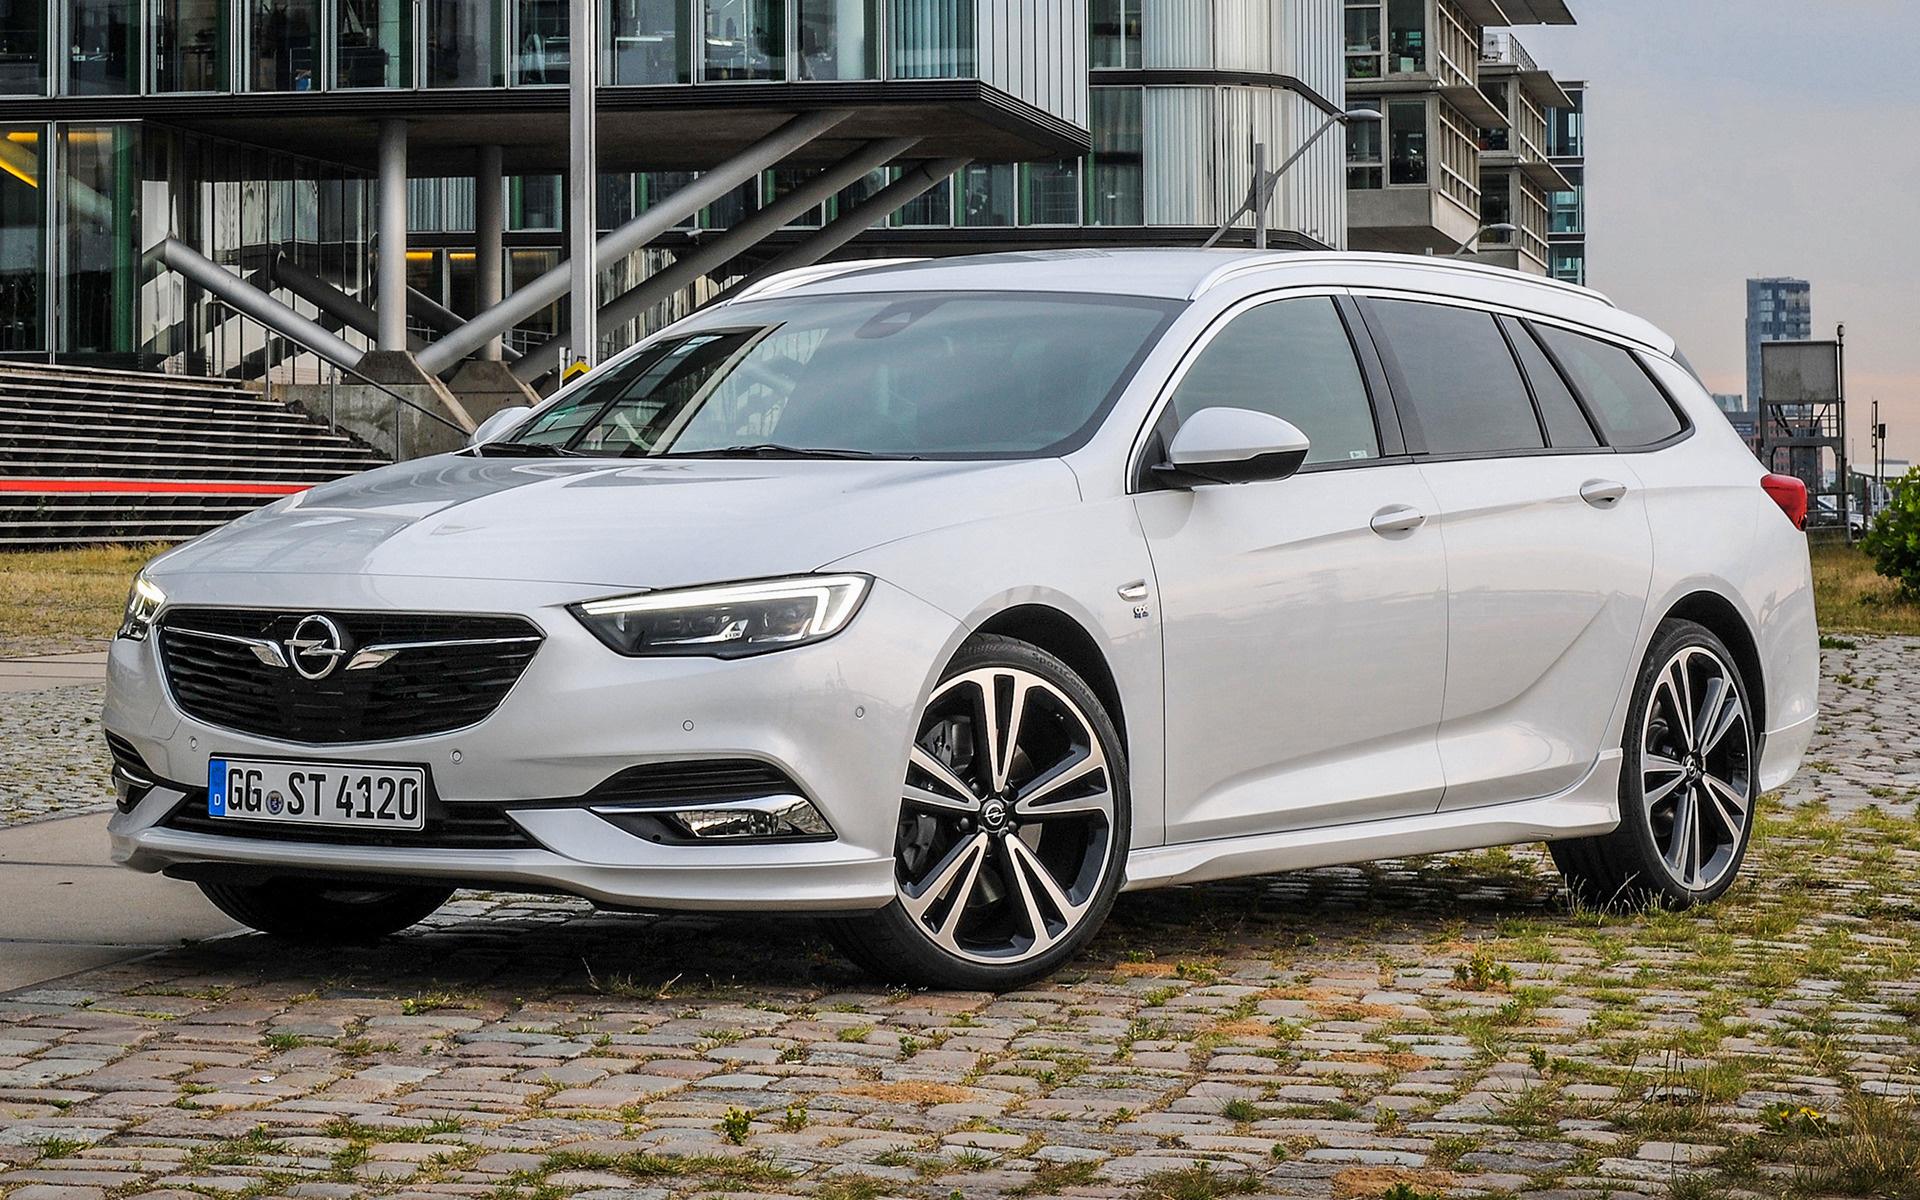 2017 Opel Insignia Sports Tourer Opc Line Papeis De Parede E Imagens De Fundo Em Hd Car Pixel